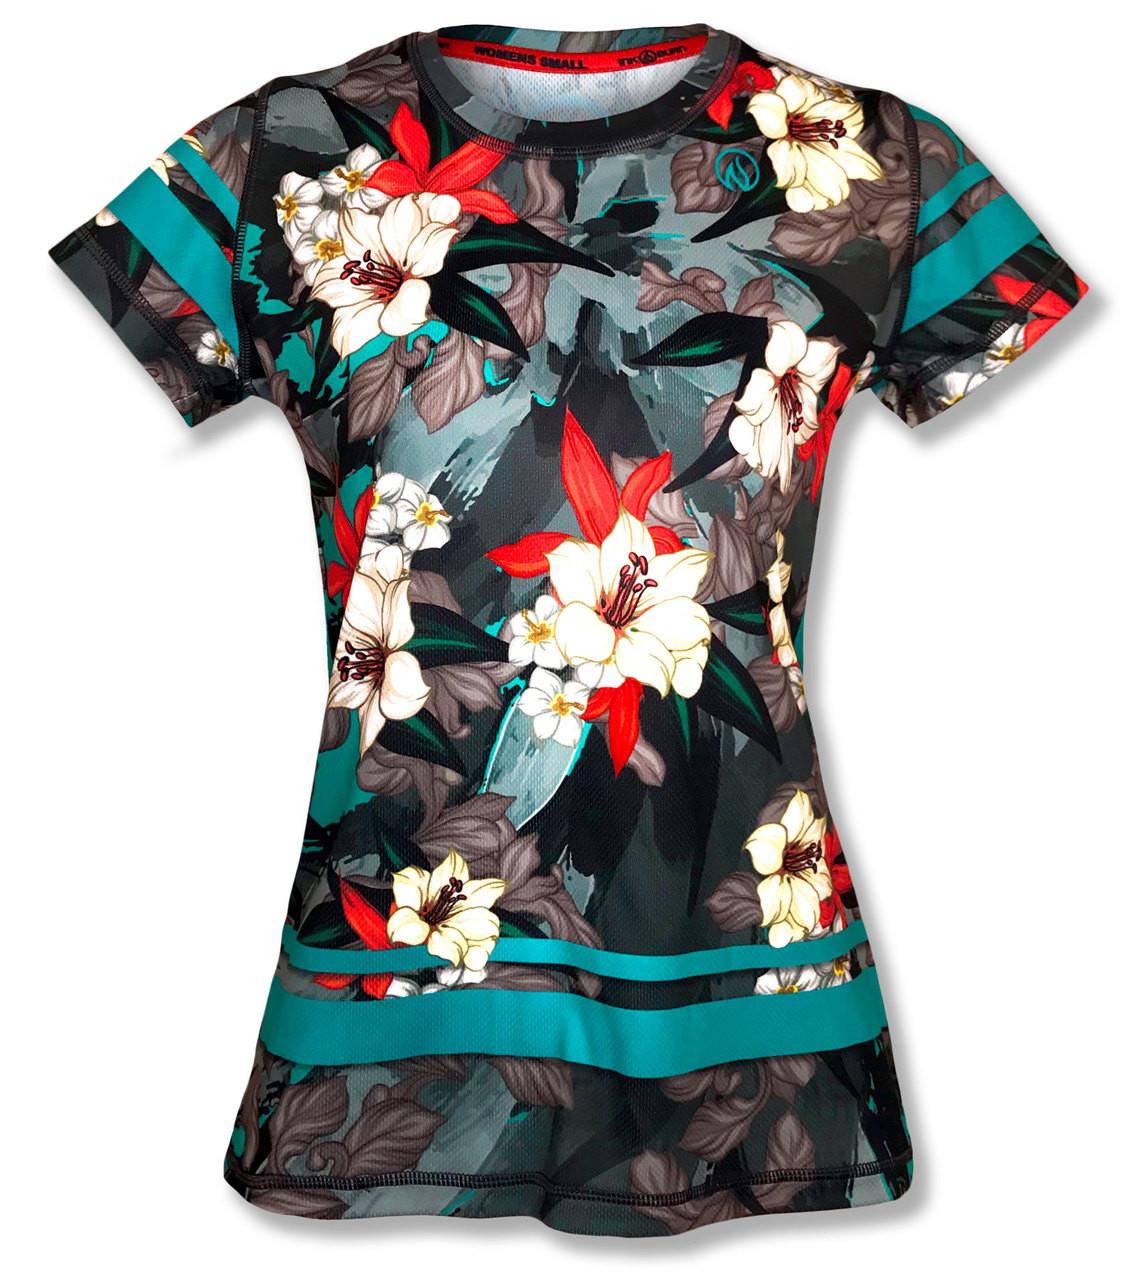 1411de634e490 ... Women s Tropical Tech Shirt · INKnBURN Women s Tropical Tech